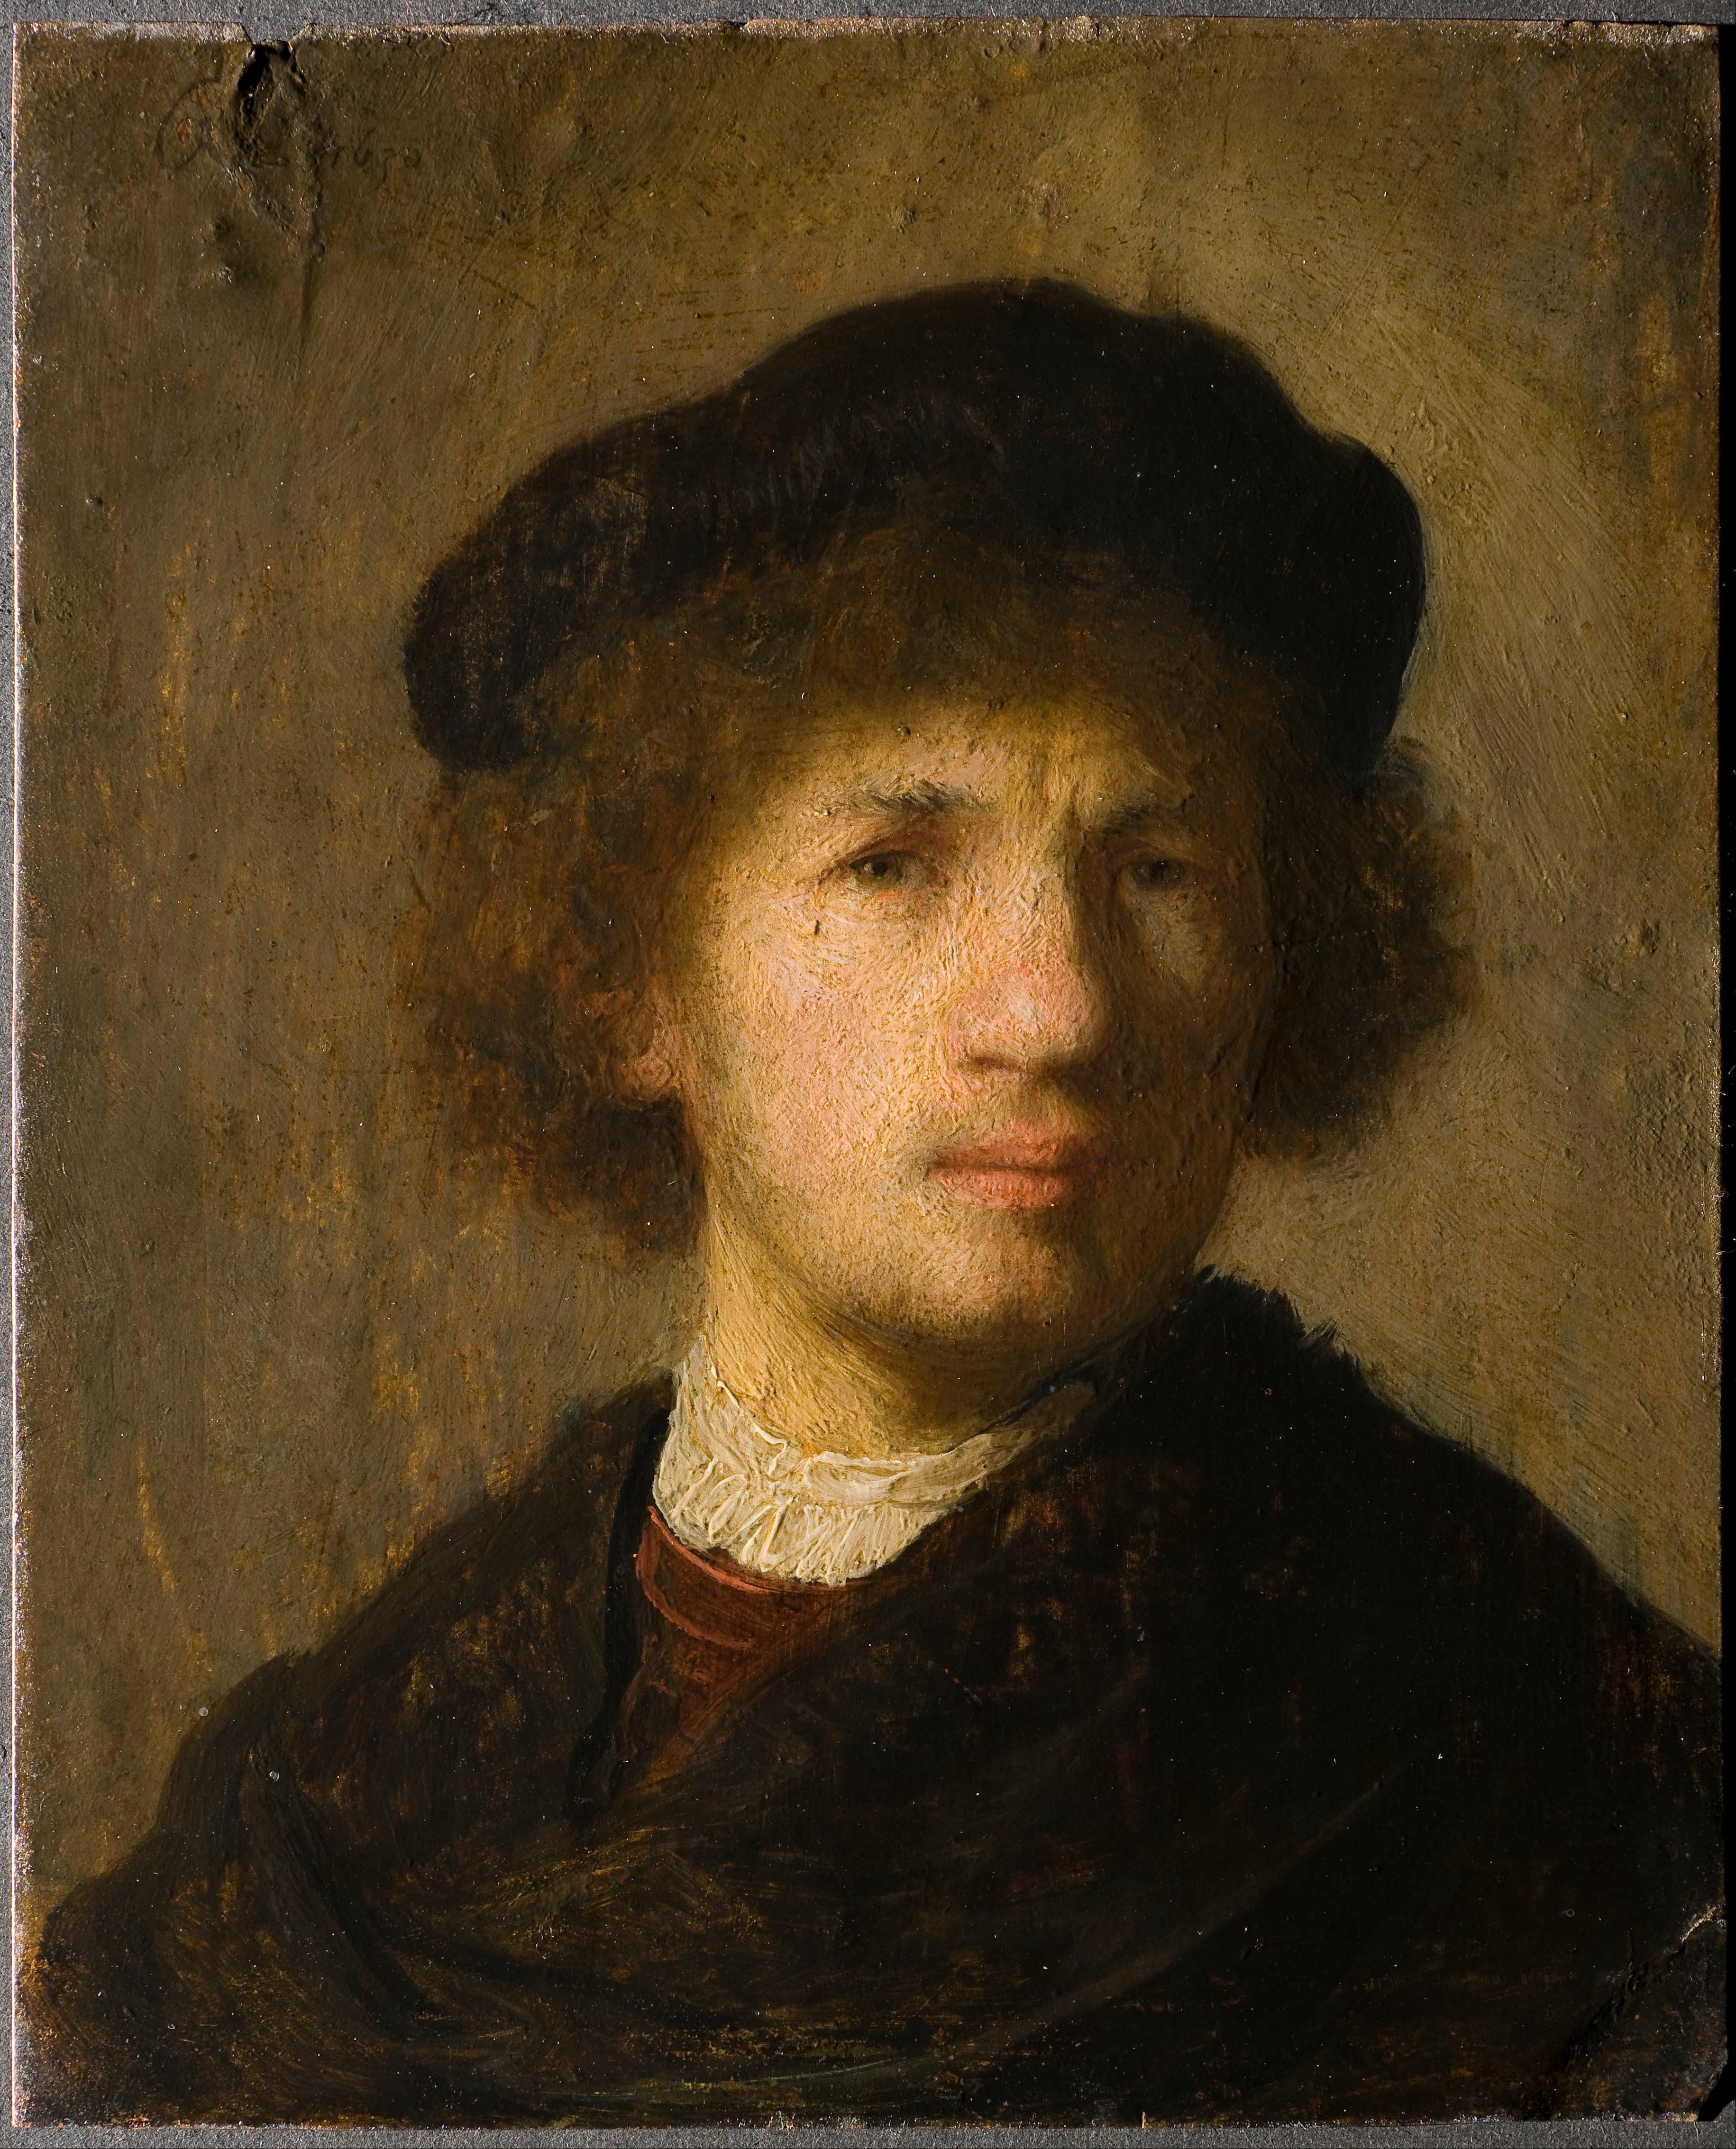 Self Portrait, Rembrandt, 1630, oil on copper